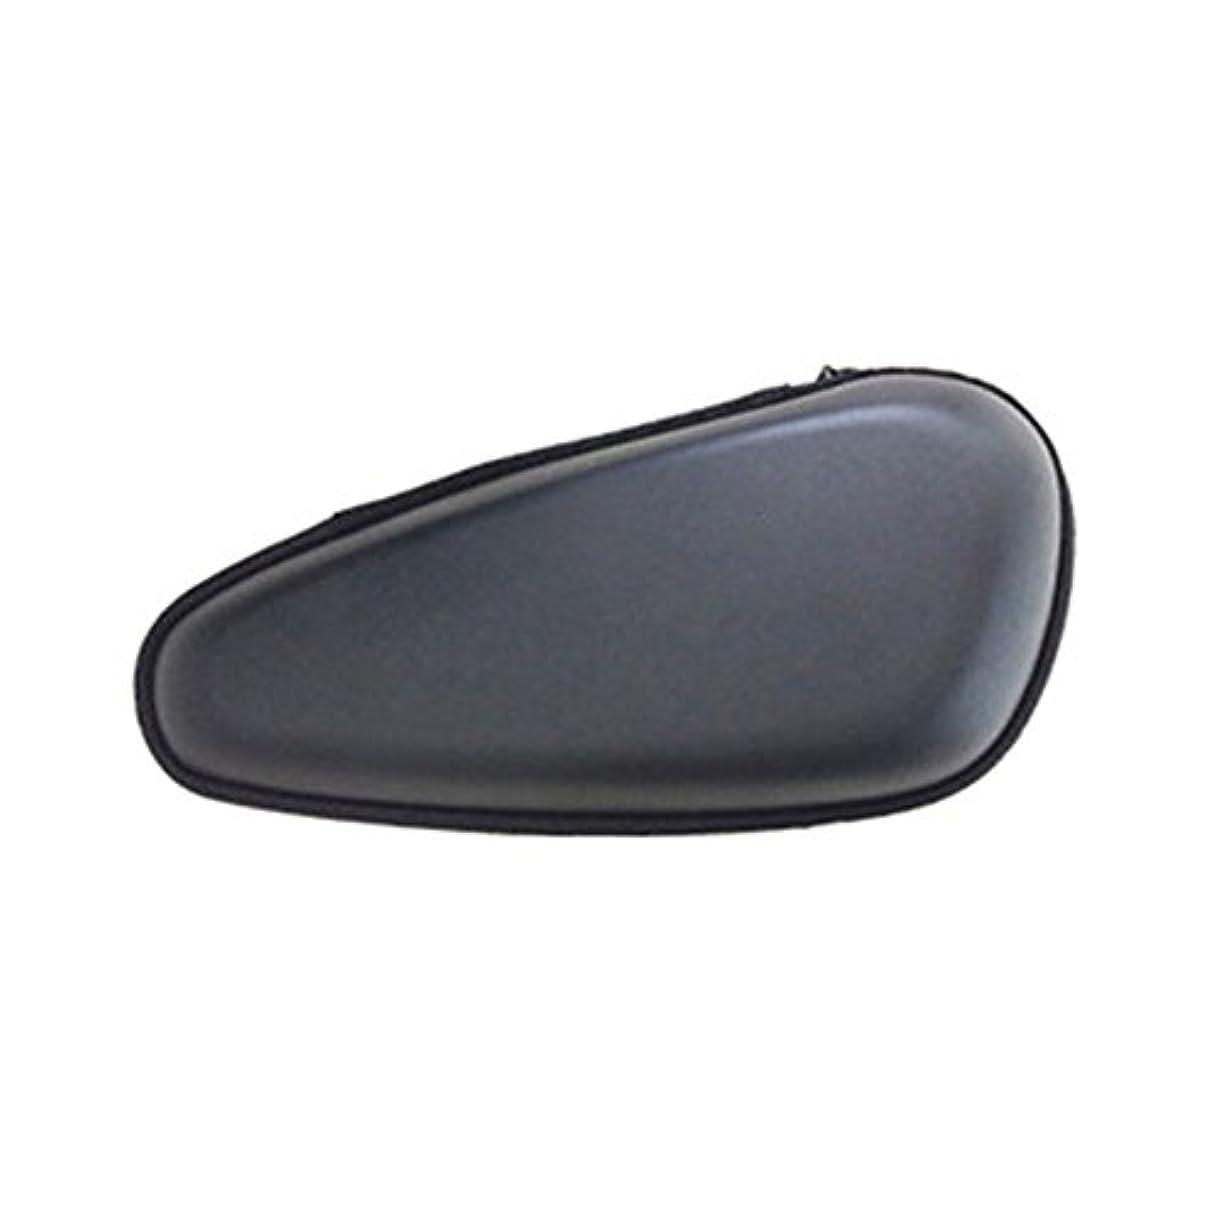 海上わがままリンケージHZjundasi Replacement シェーバートラベルケースバッグ for Philips HQ912/909/986/917/904/902